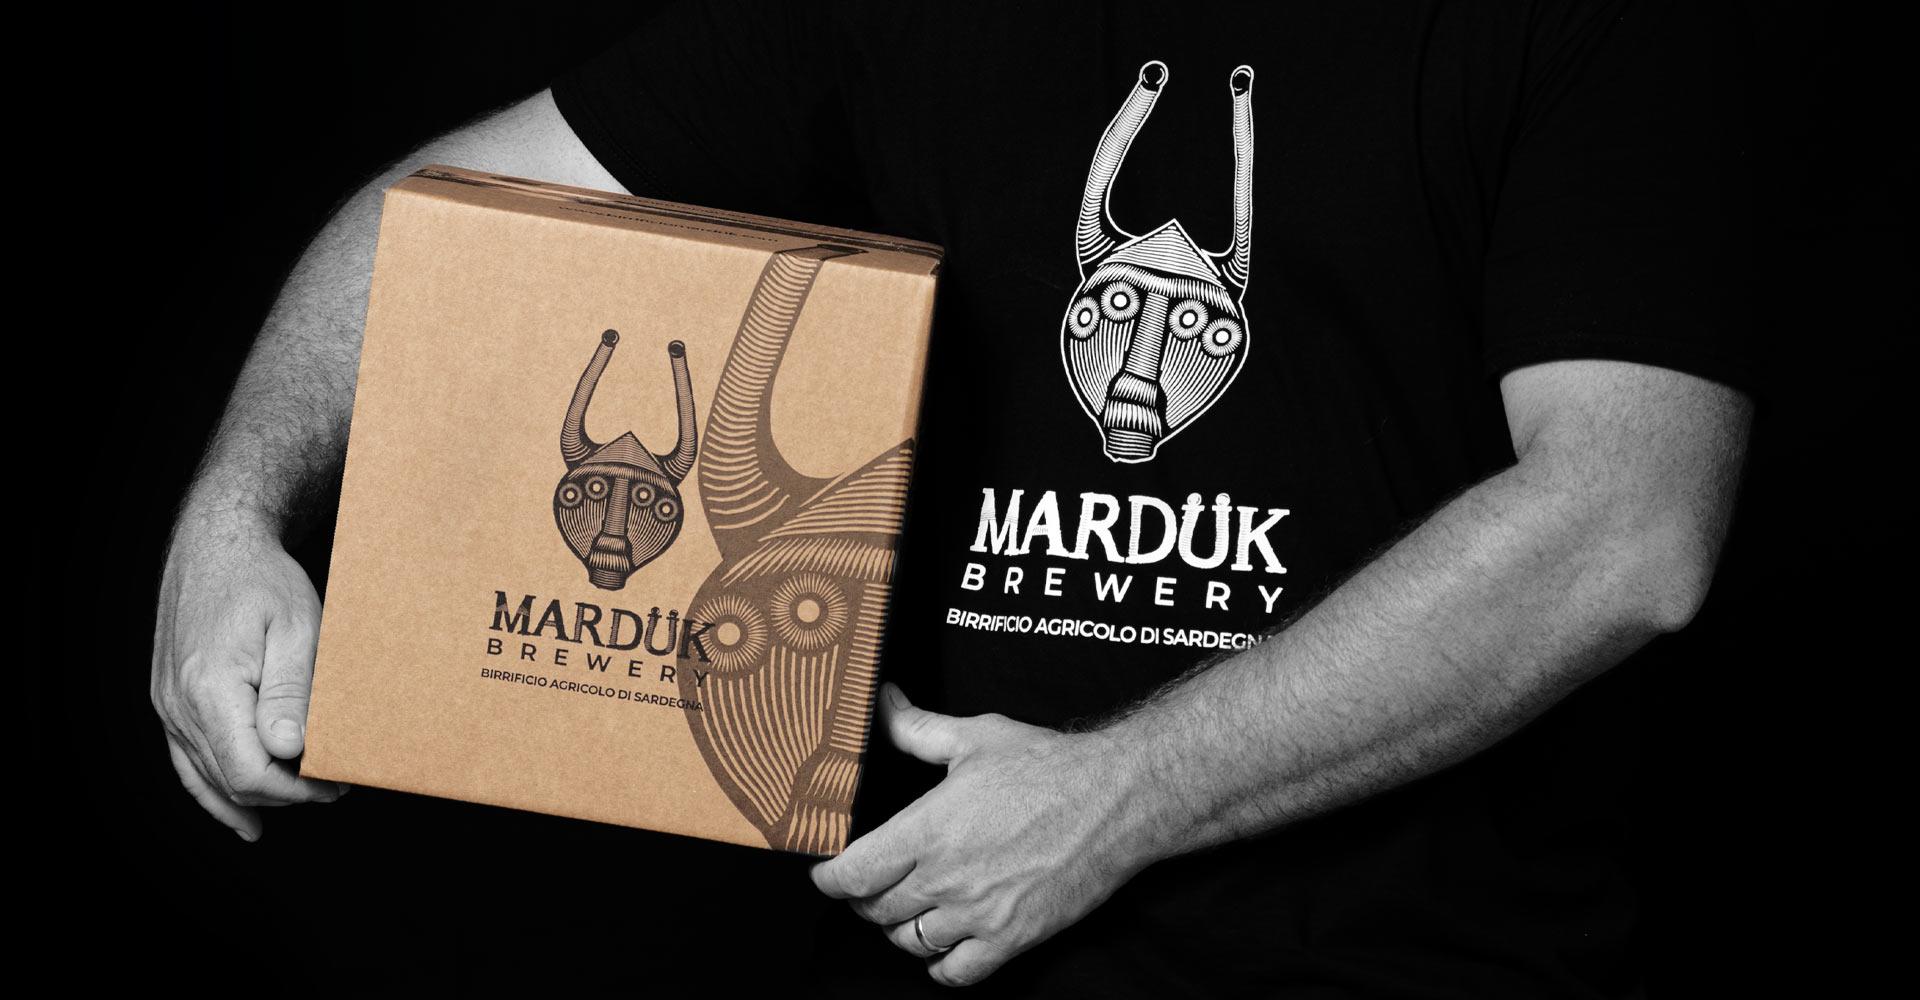 https://www.birrificiomarduk.com/wp-content/uploads/2020/06/08-Marduk-brewery-birre-birrificio-materie-prime-lupolo-malto-orzo.jpg